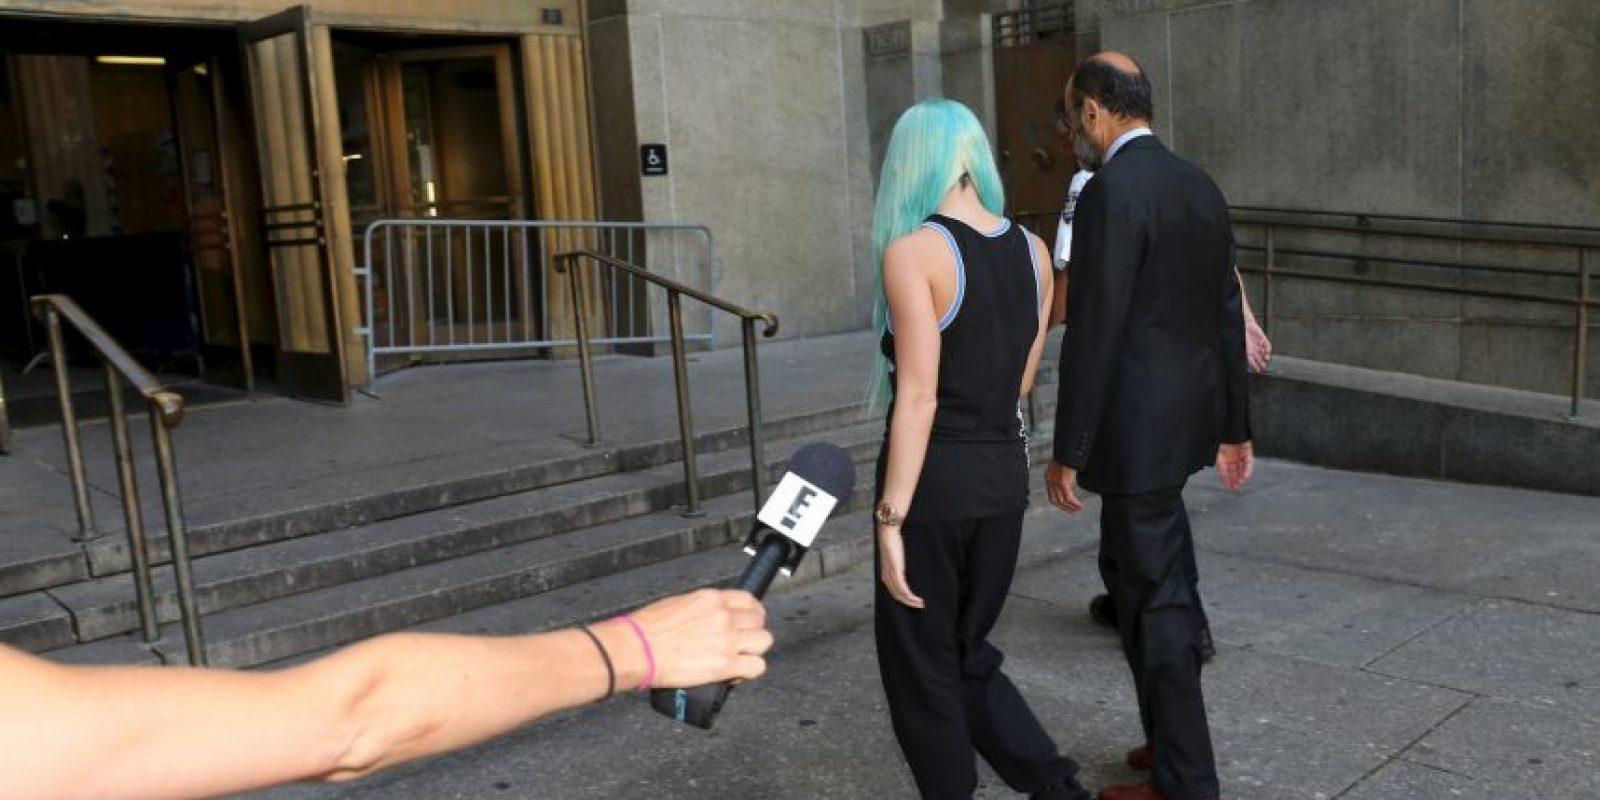 Anunció su compromiso el día de ayer en una revista Foto:Getty Images